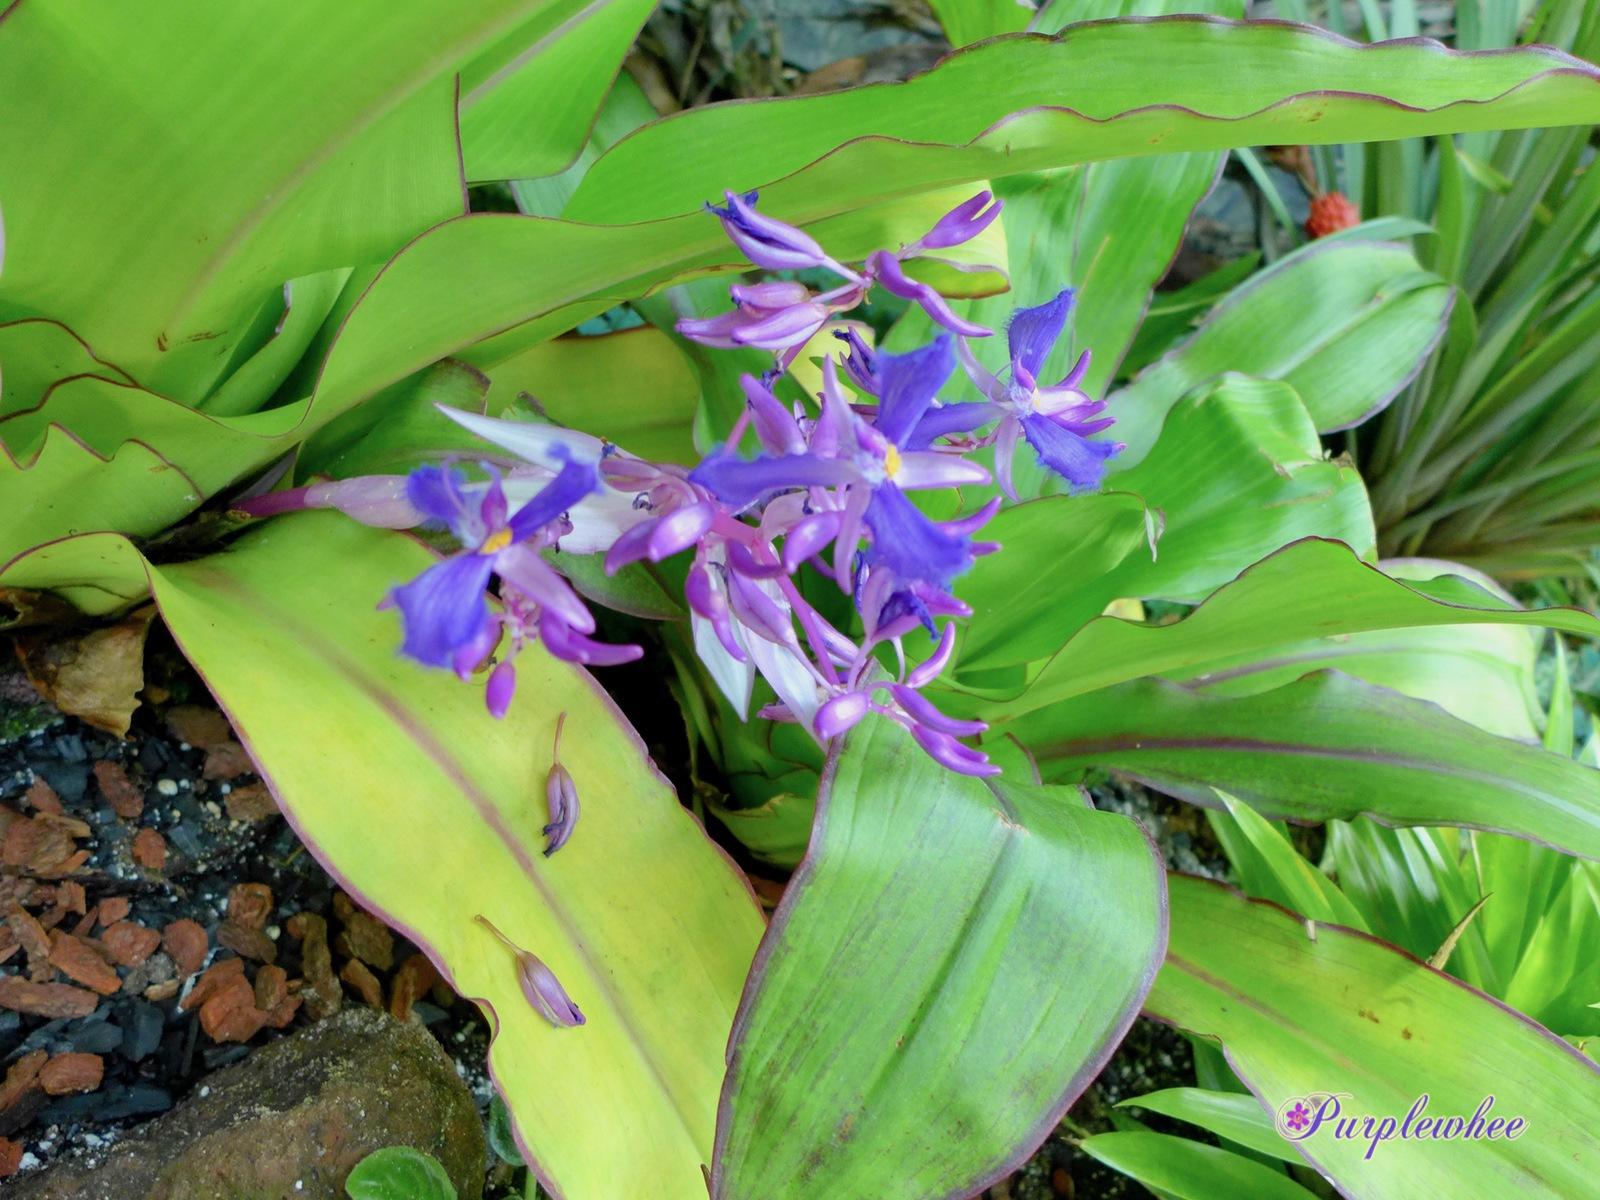 薇薇花園: 著生鴨跖草